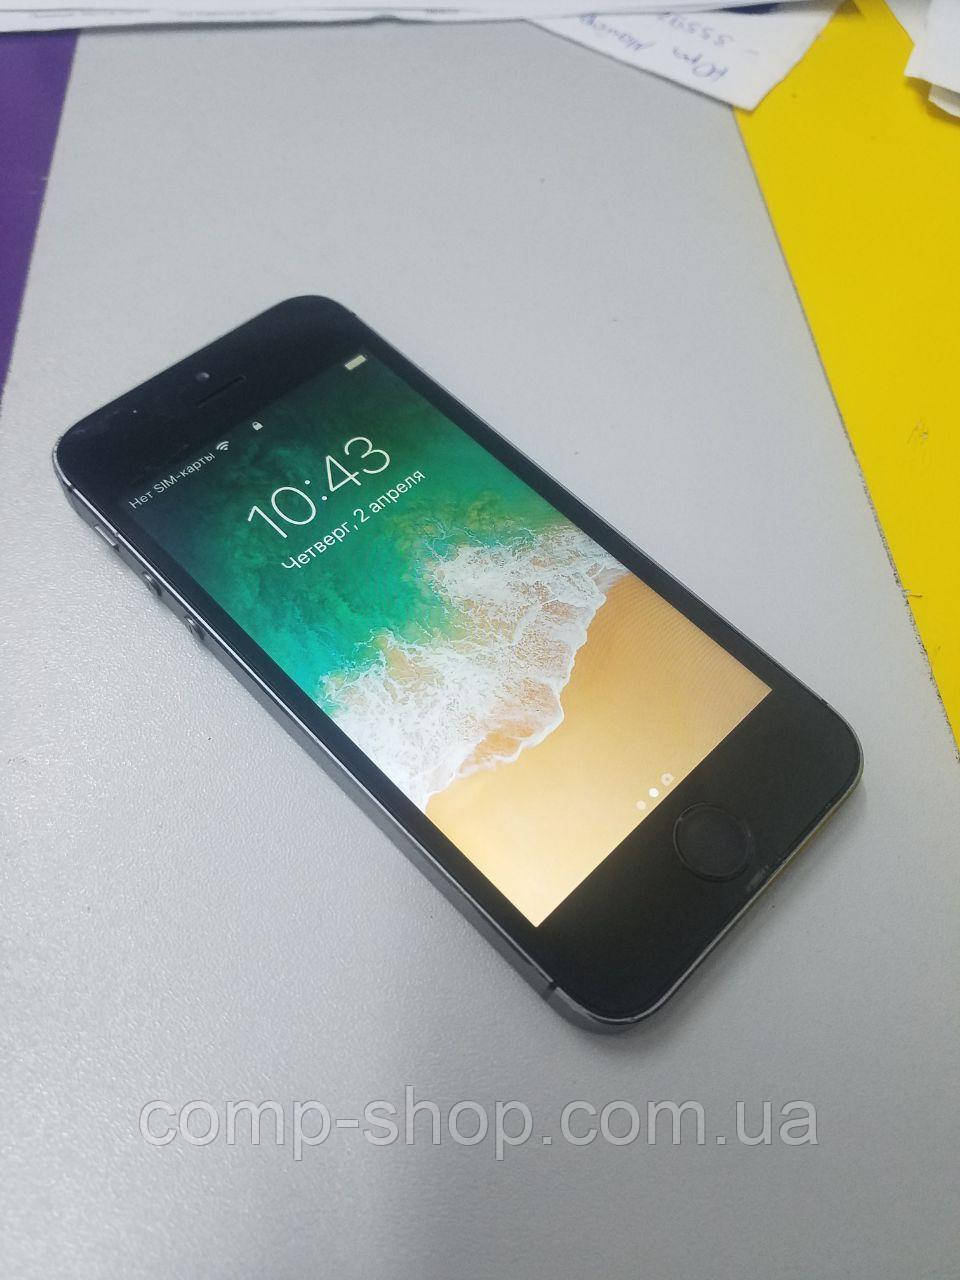 Iphone 5s Gray